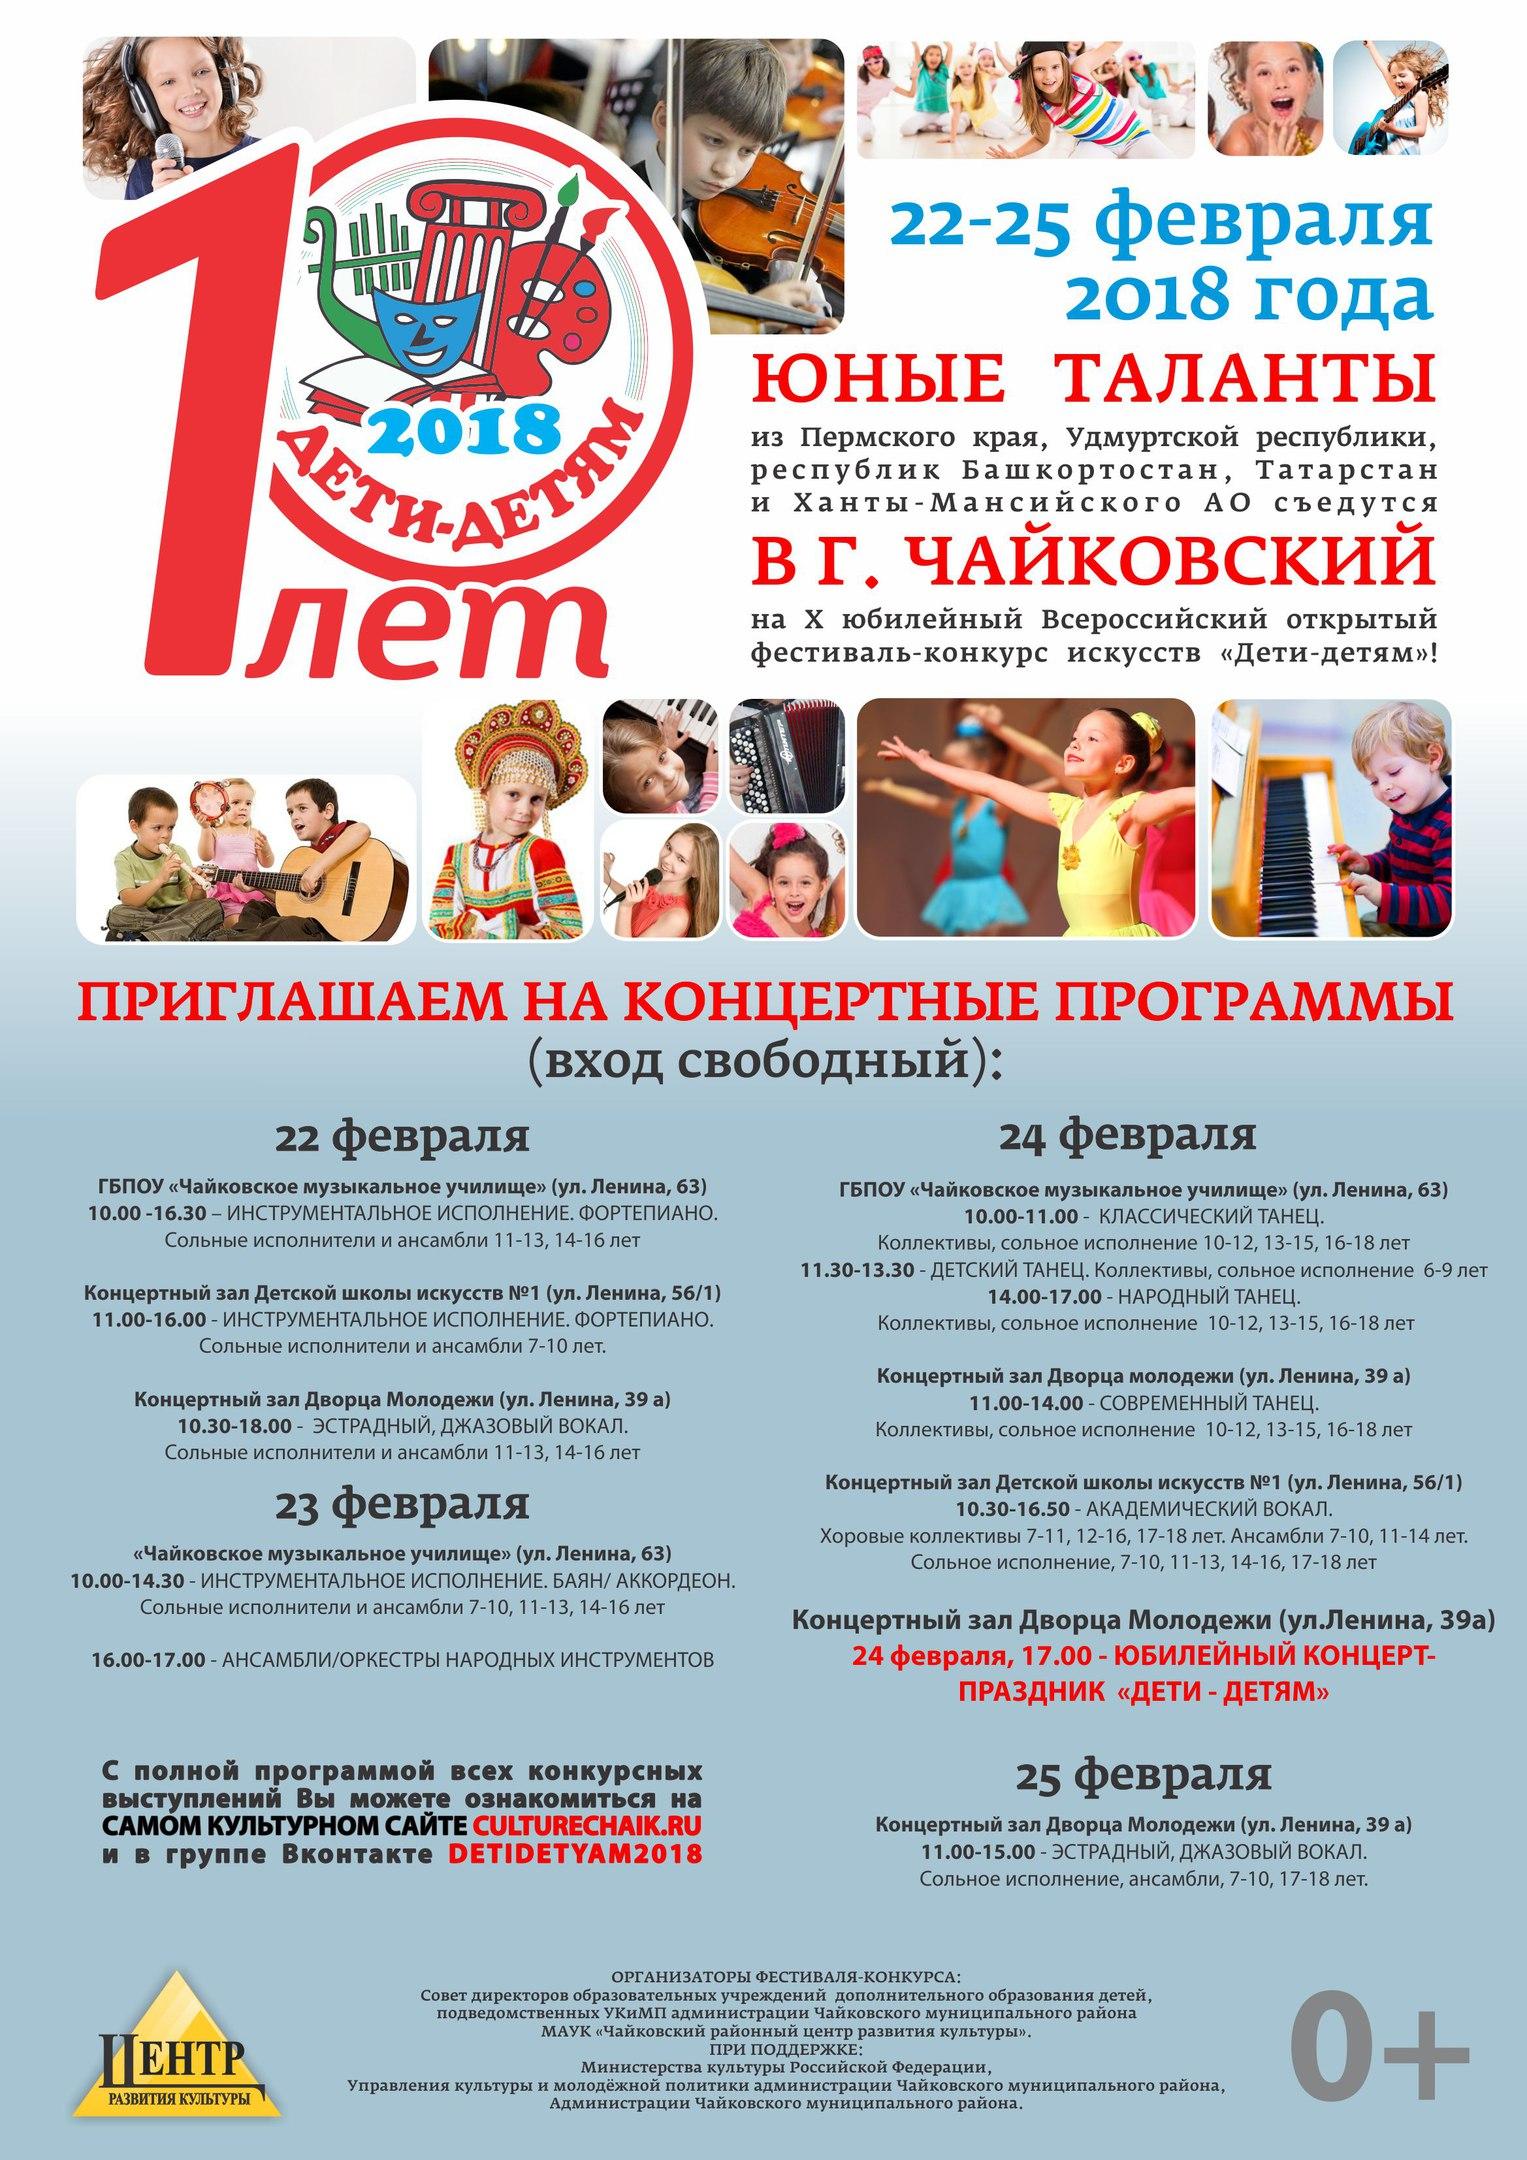 фестиваль Дети-детям, чайковский, 2018